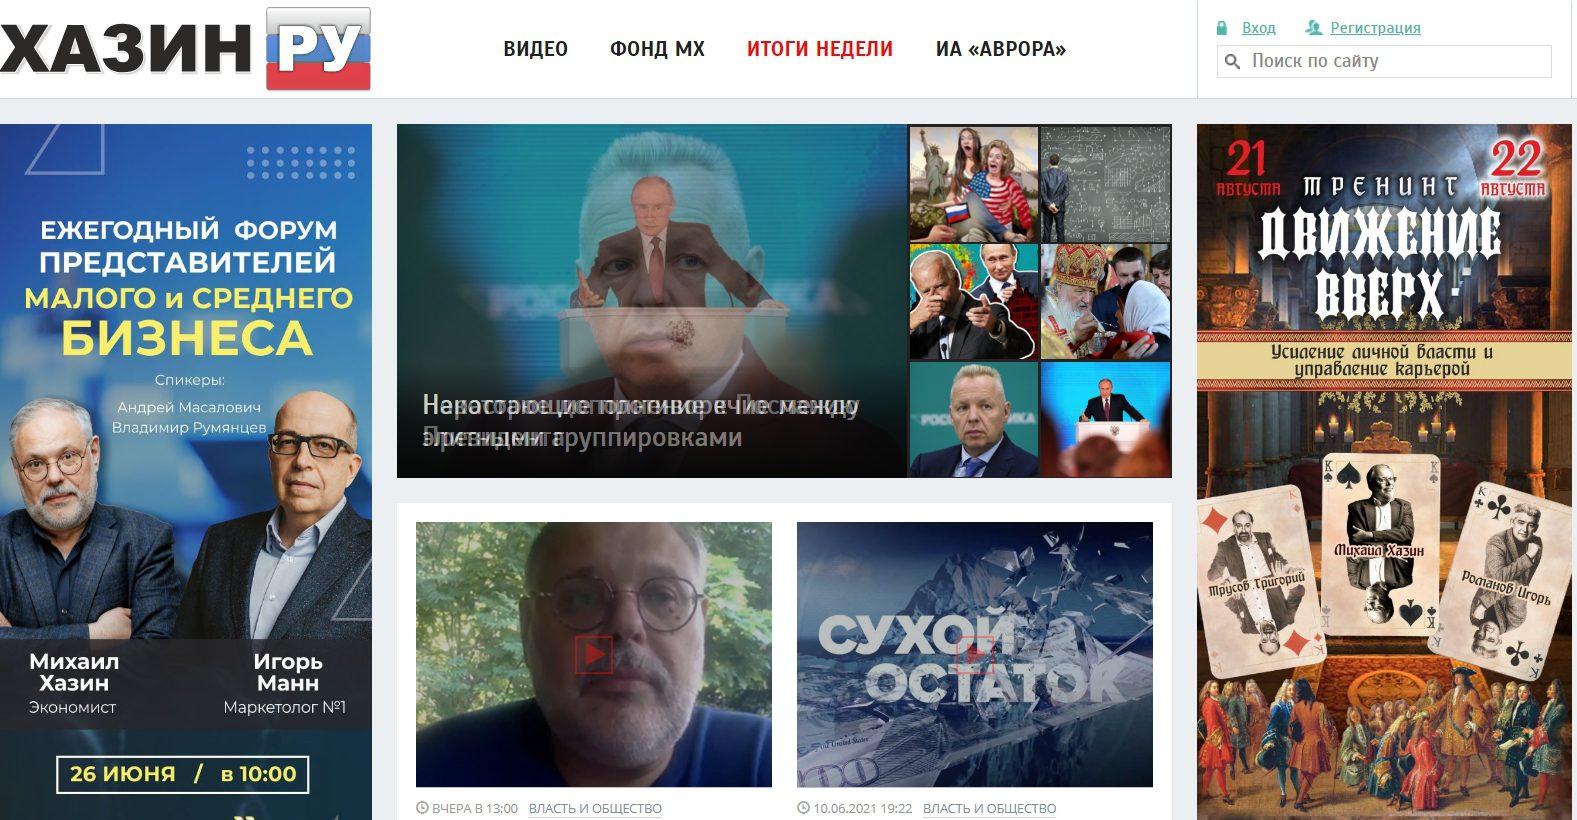 Сайт Михаила Хазина